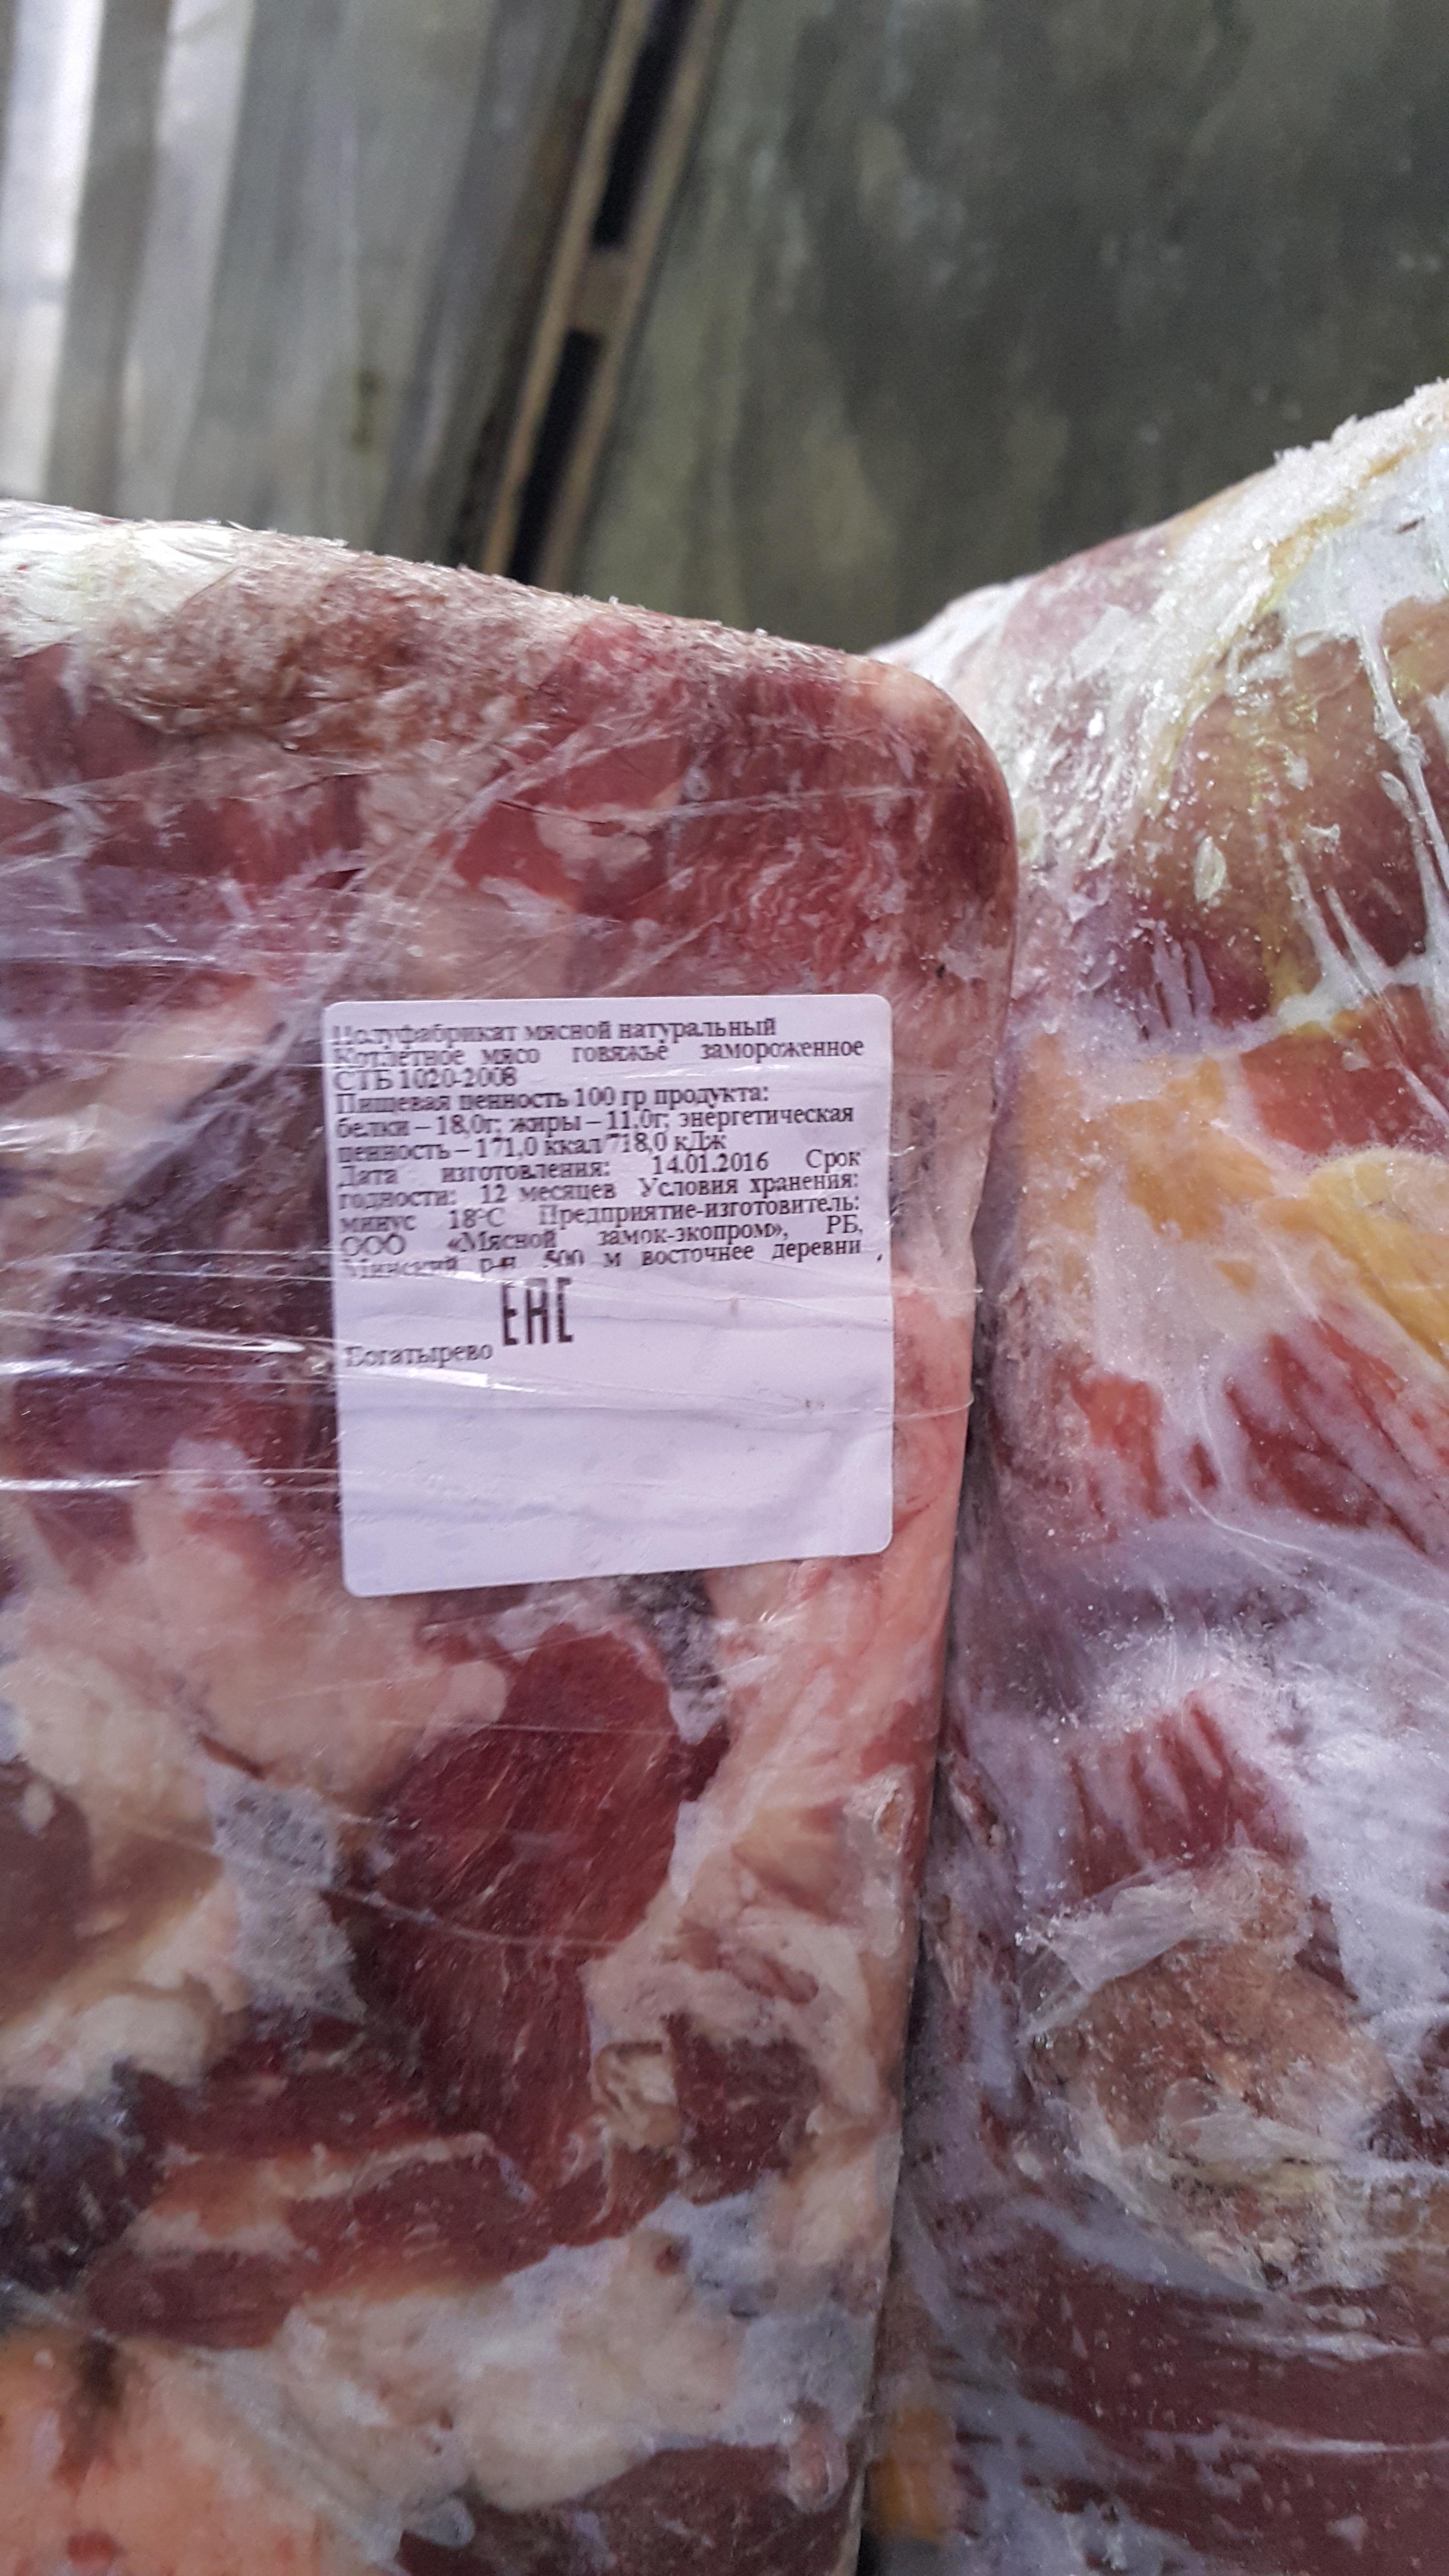 Говядина блочная (котлетное мясо) со склада в Подольске